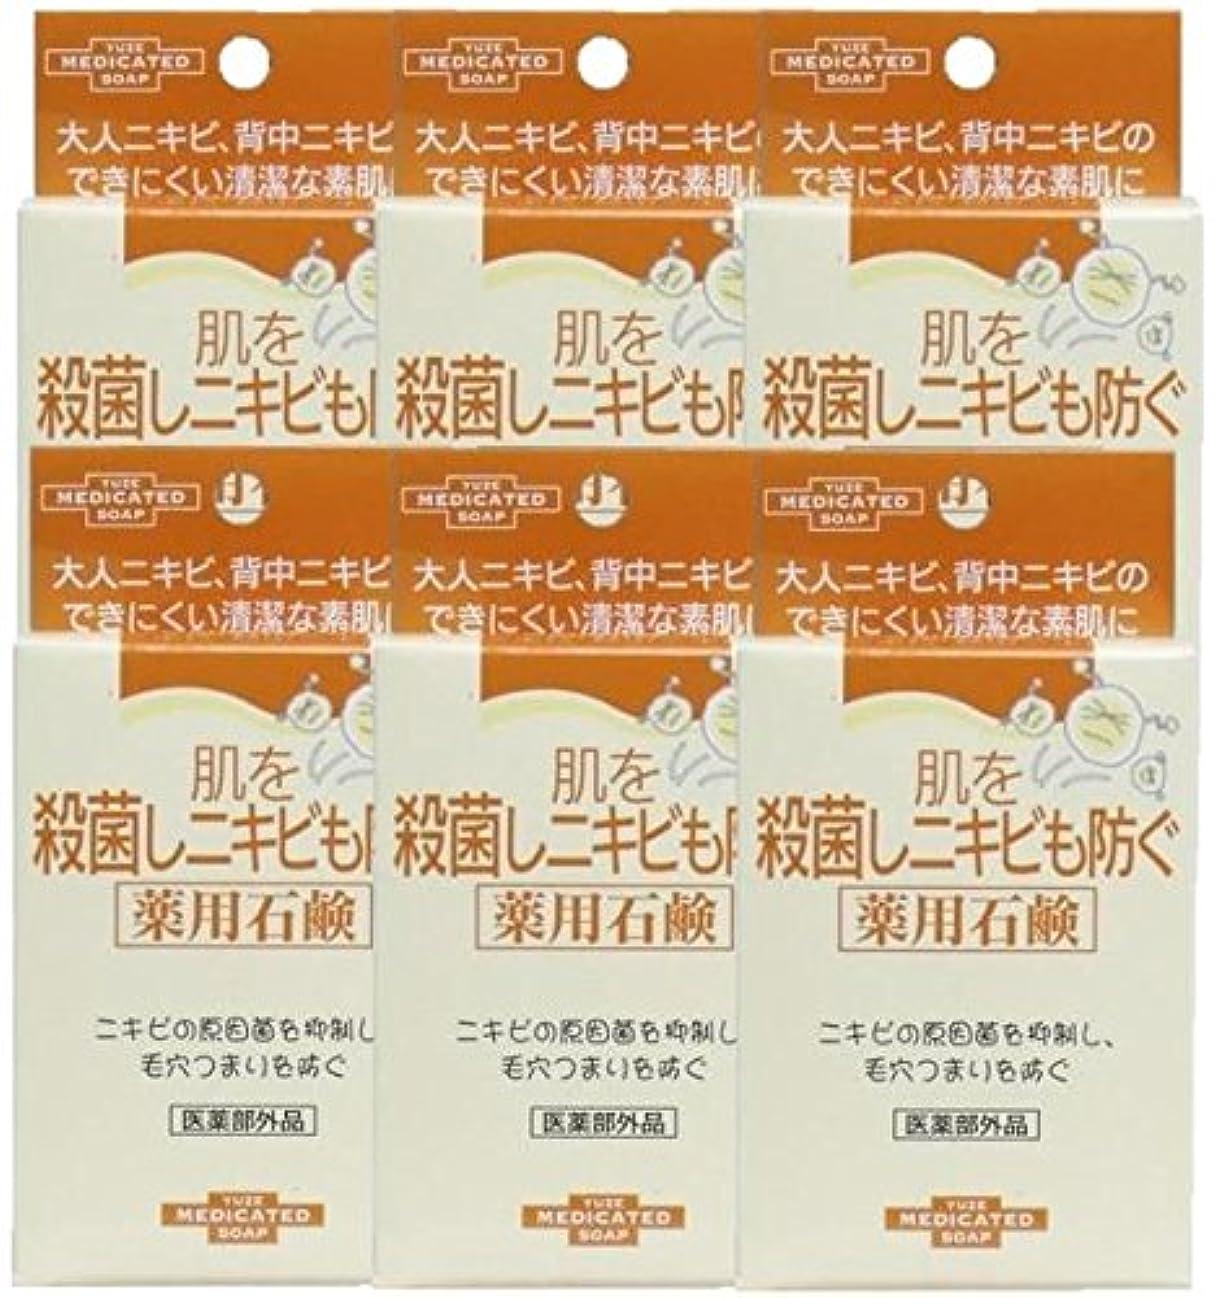 普通の頼るモニカユゼ 肌を殺菌しニキビも防ぐ薬用石鹸 (110g)×6個セット